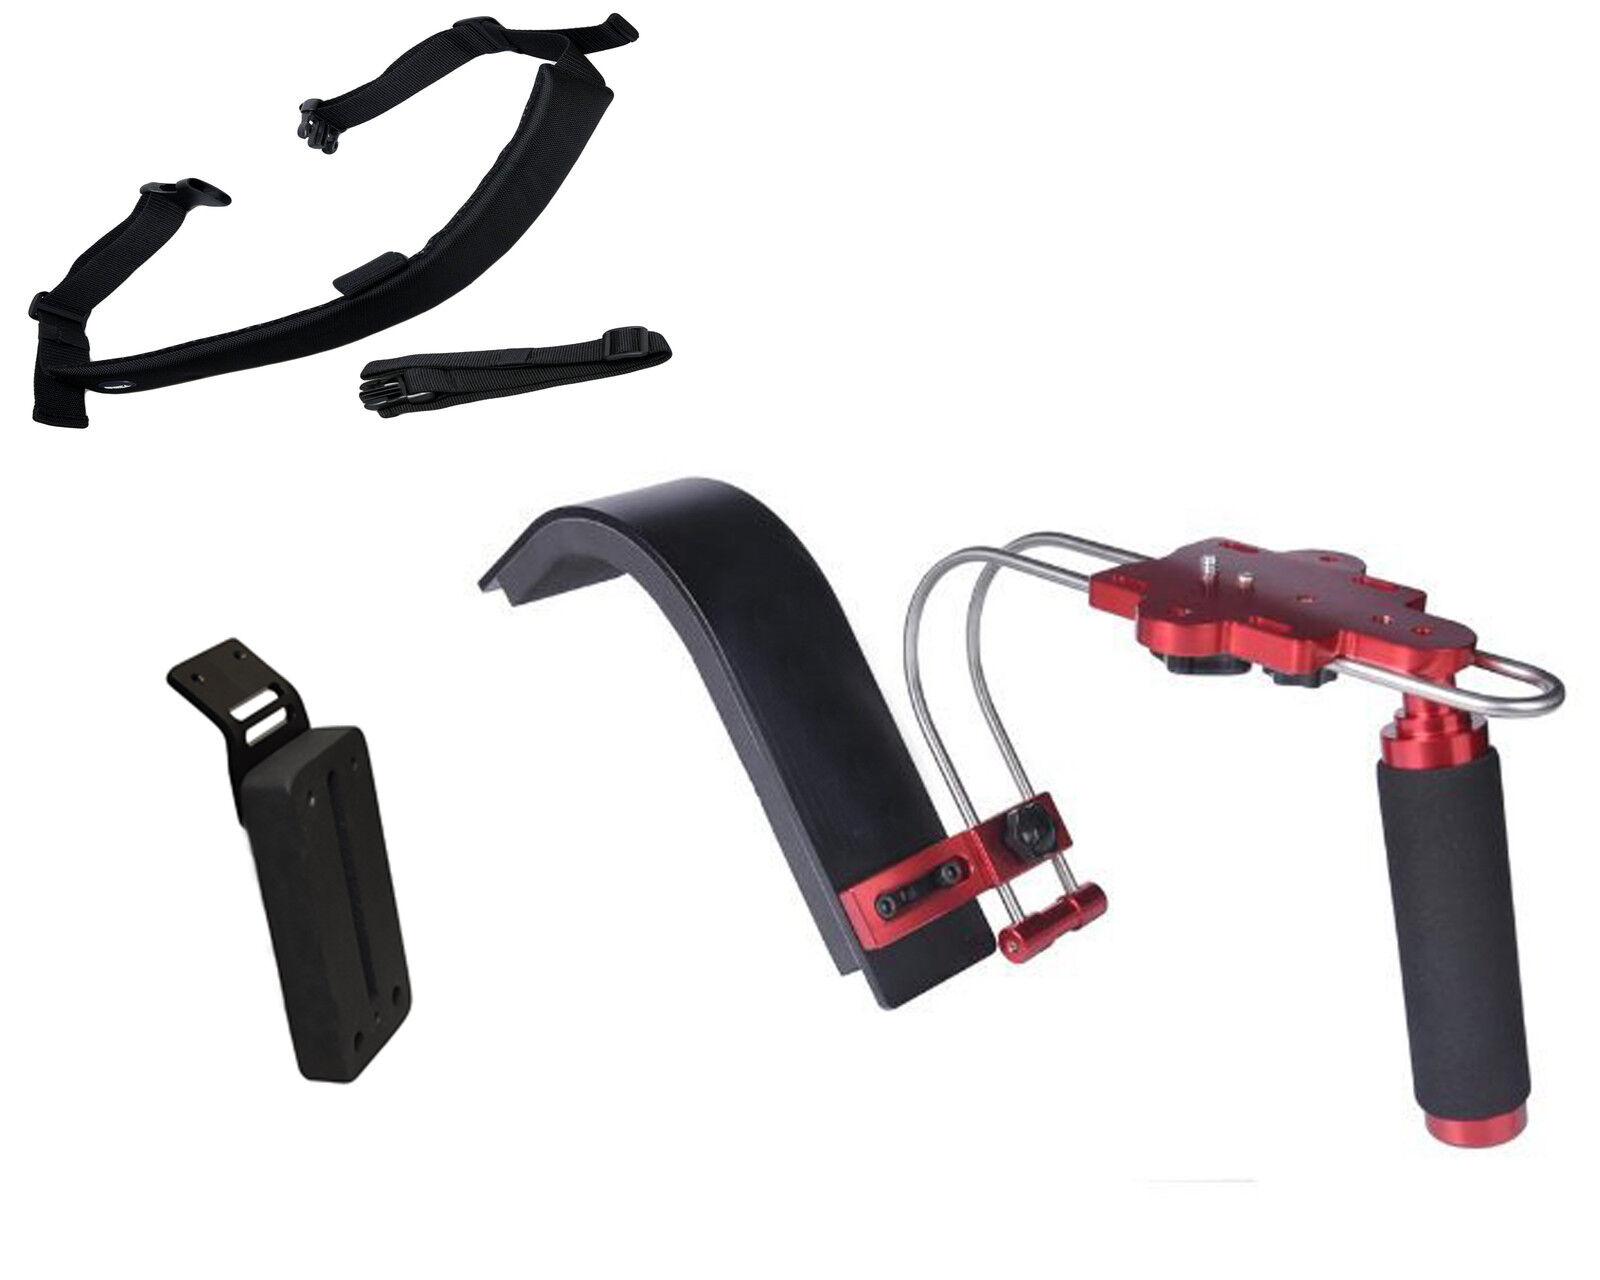 Pro S1-sw Gy Cam Shoulder Support System For Jvc Hm170ua Hm620 4kcam Camcorder